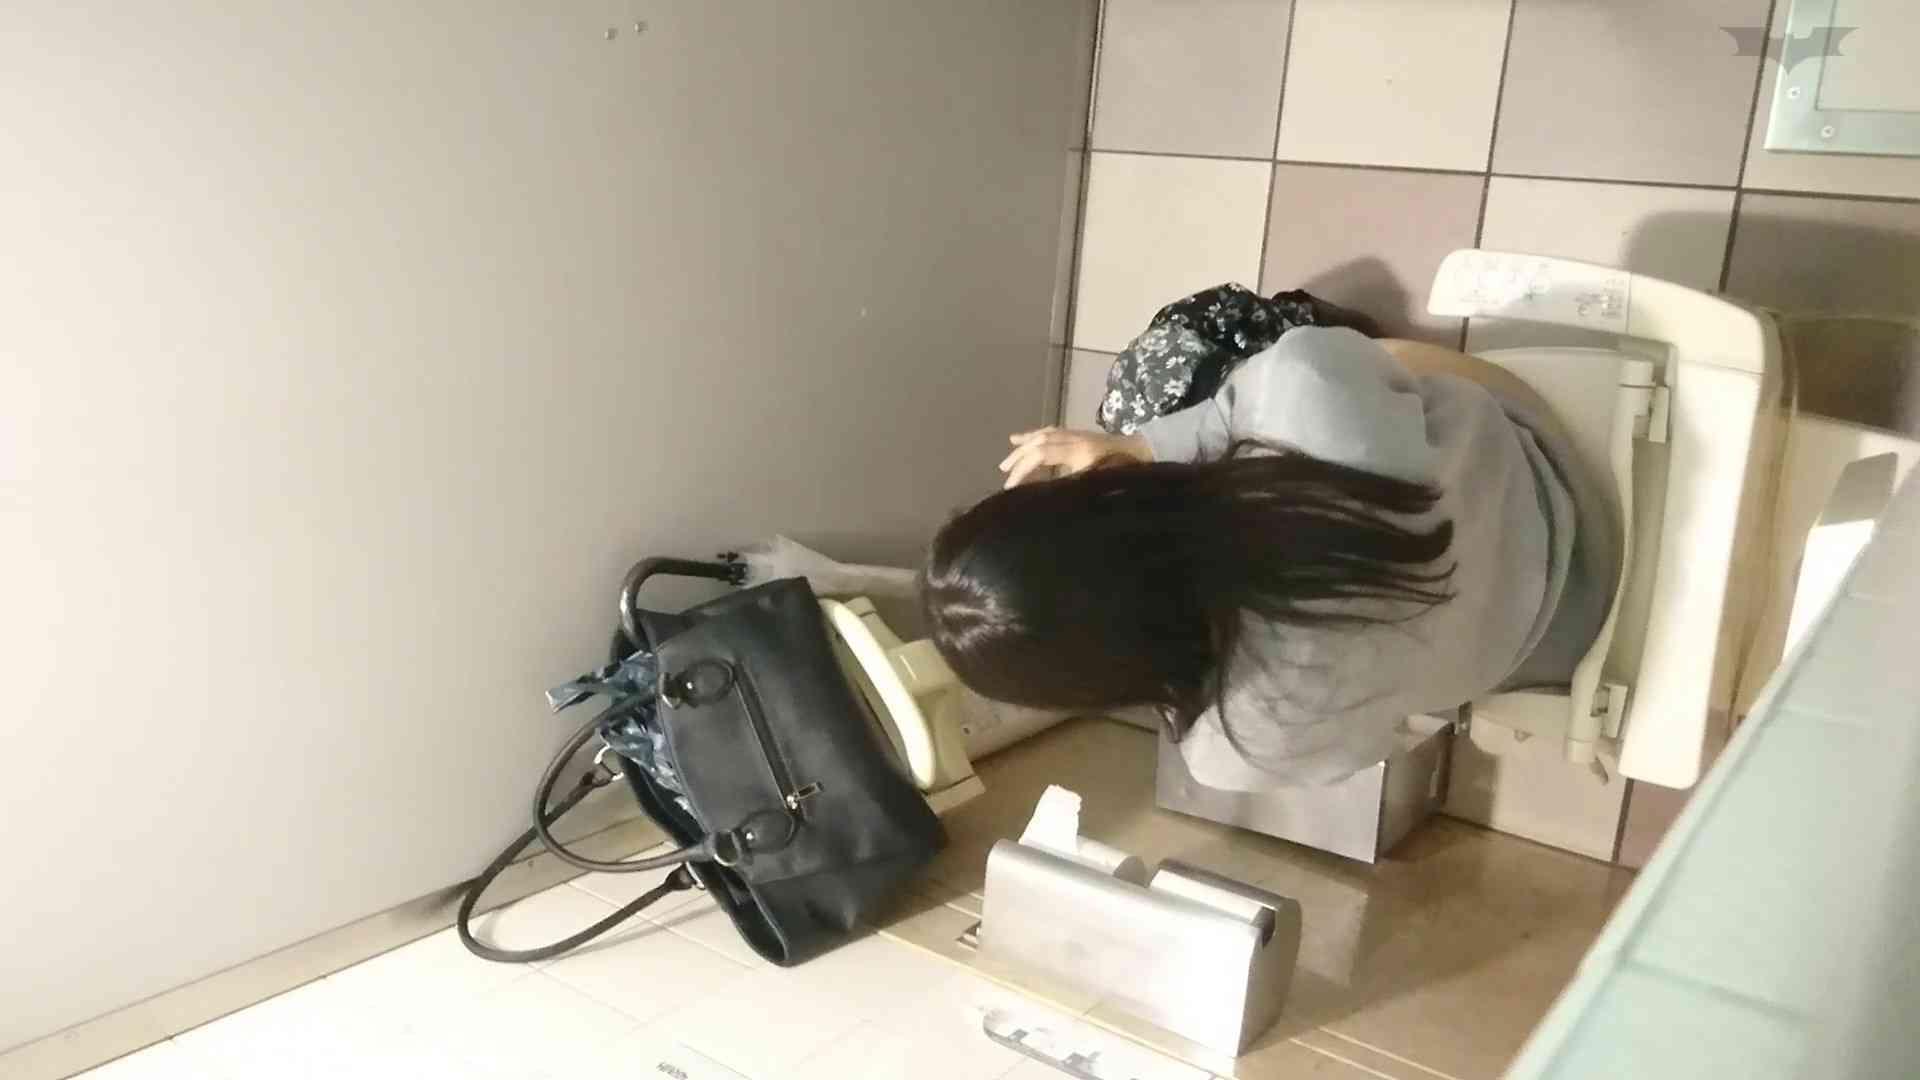 化粧室絵巻 ショッピングモール編 VOL.21 美肌 ぱこり動画紹介 65画像 3